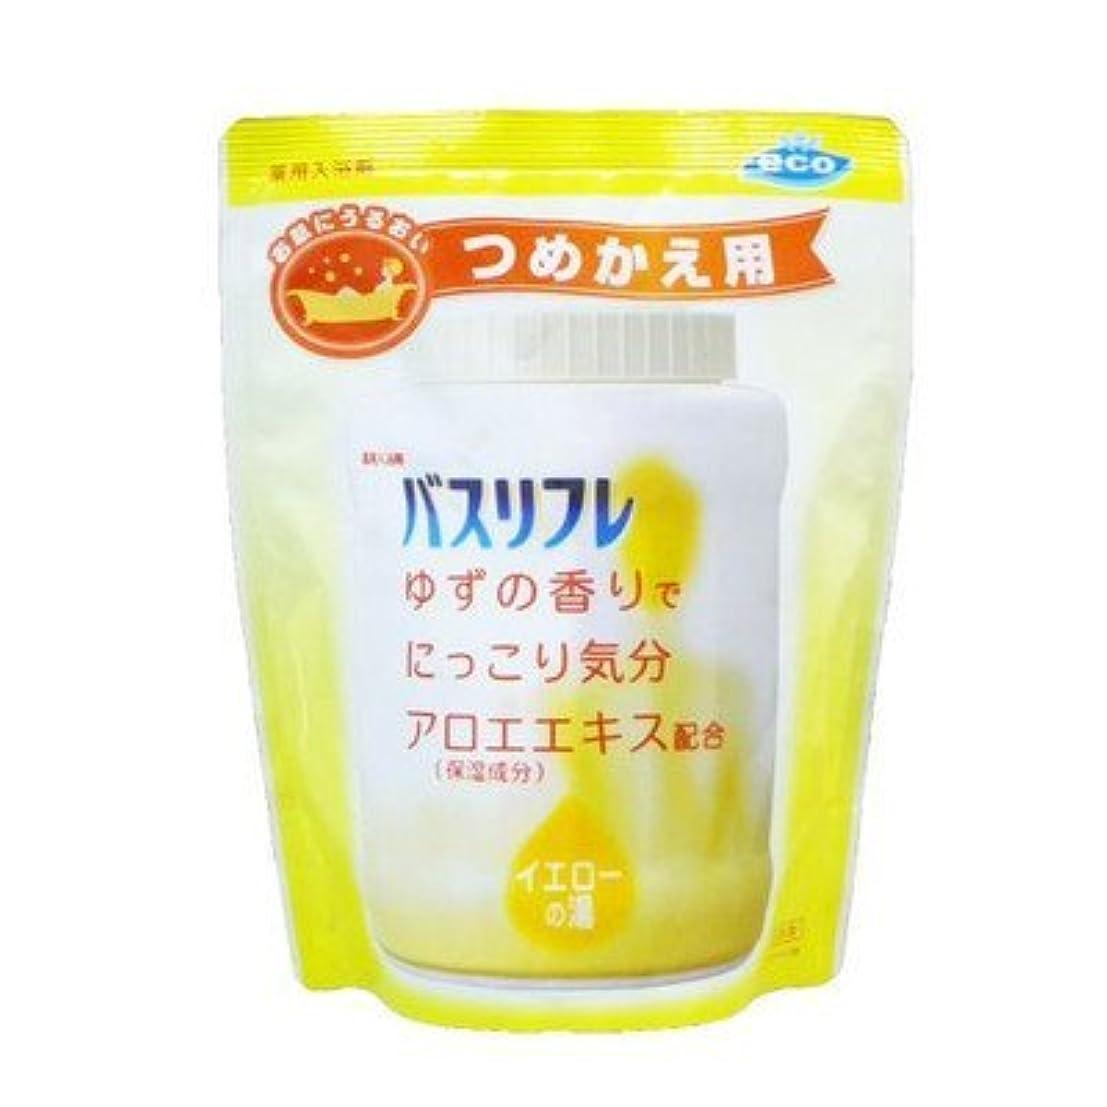 市の中心部スマイルペチュランス薬用入浴剤 バスリフレ イエローの湯 つめかえ用 540g ゆずの香り (ライオンケミカル) Japan